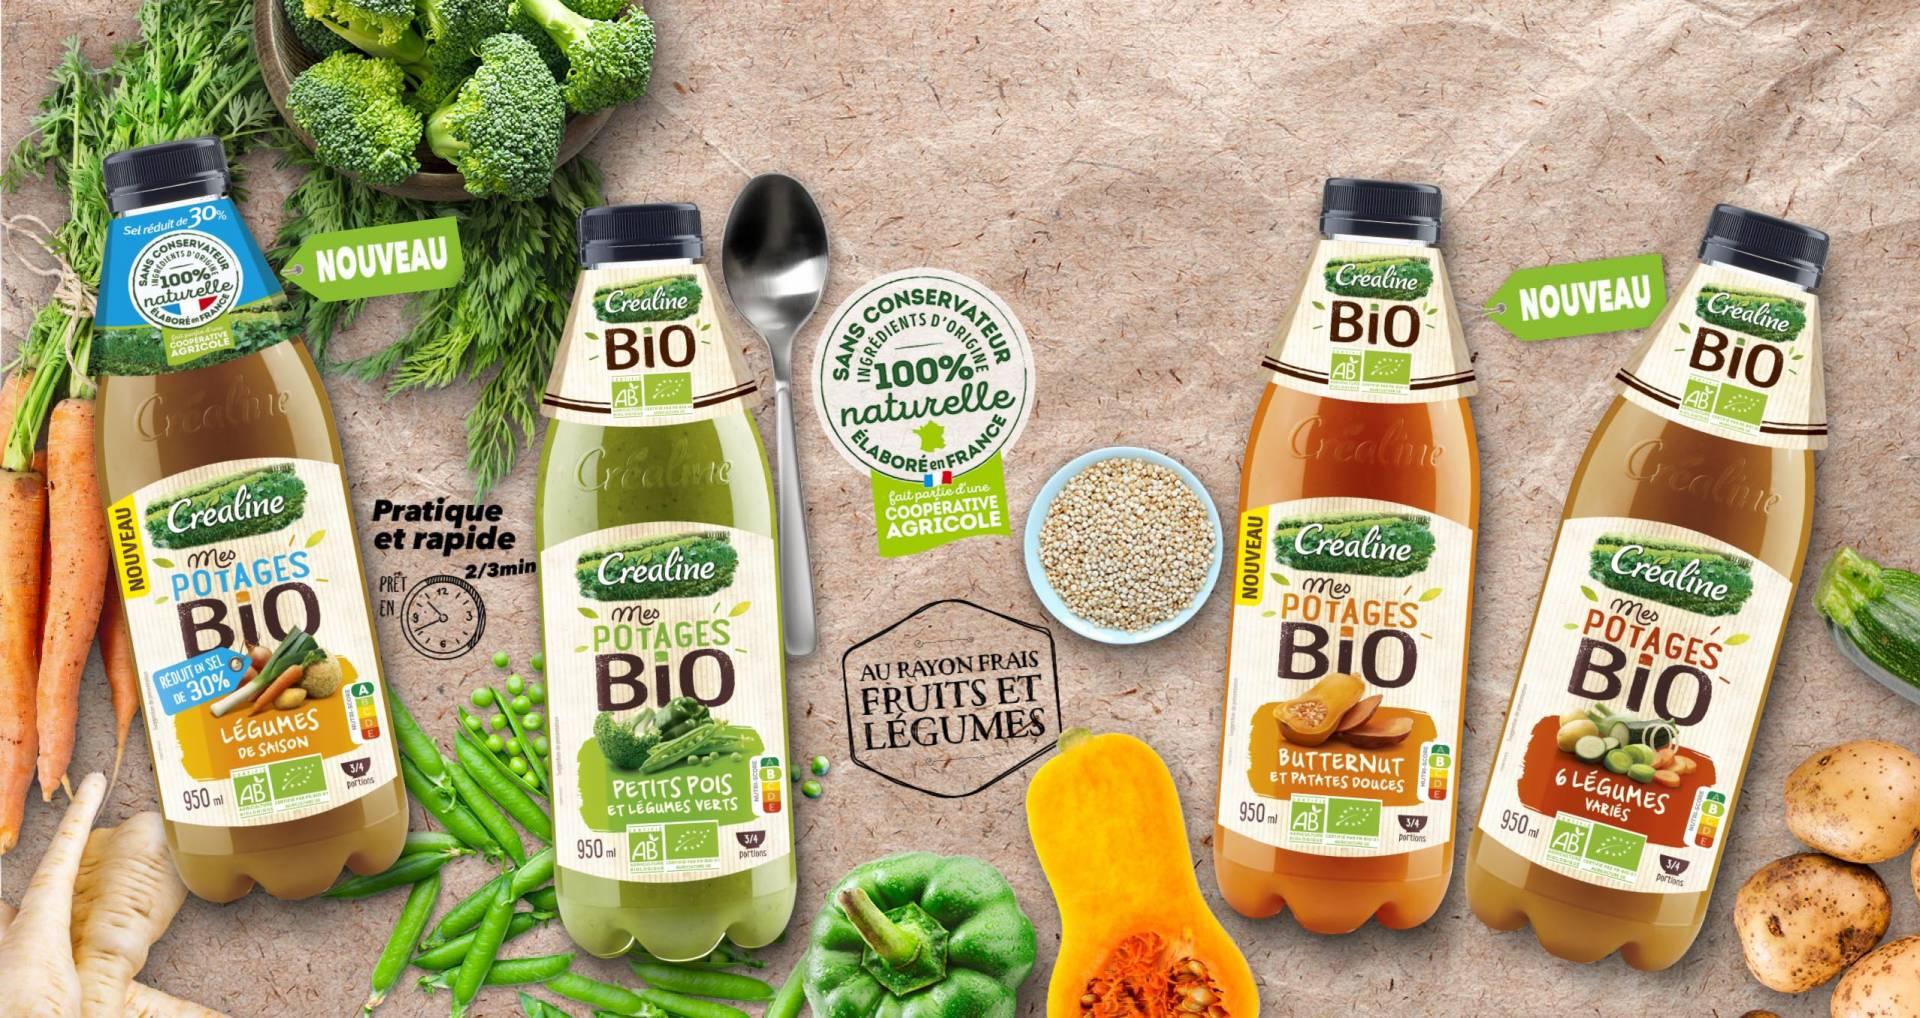 Veloutés de légumes bio : petits pois et légumes verts, légumes de saison, butternut et patates douces